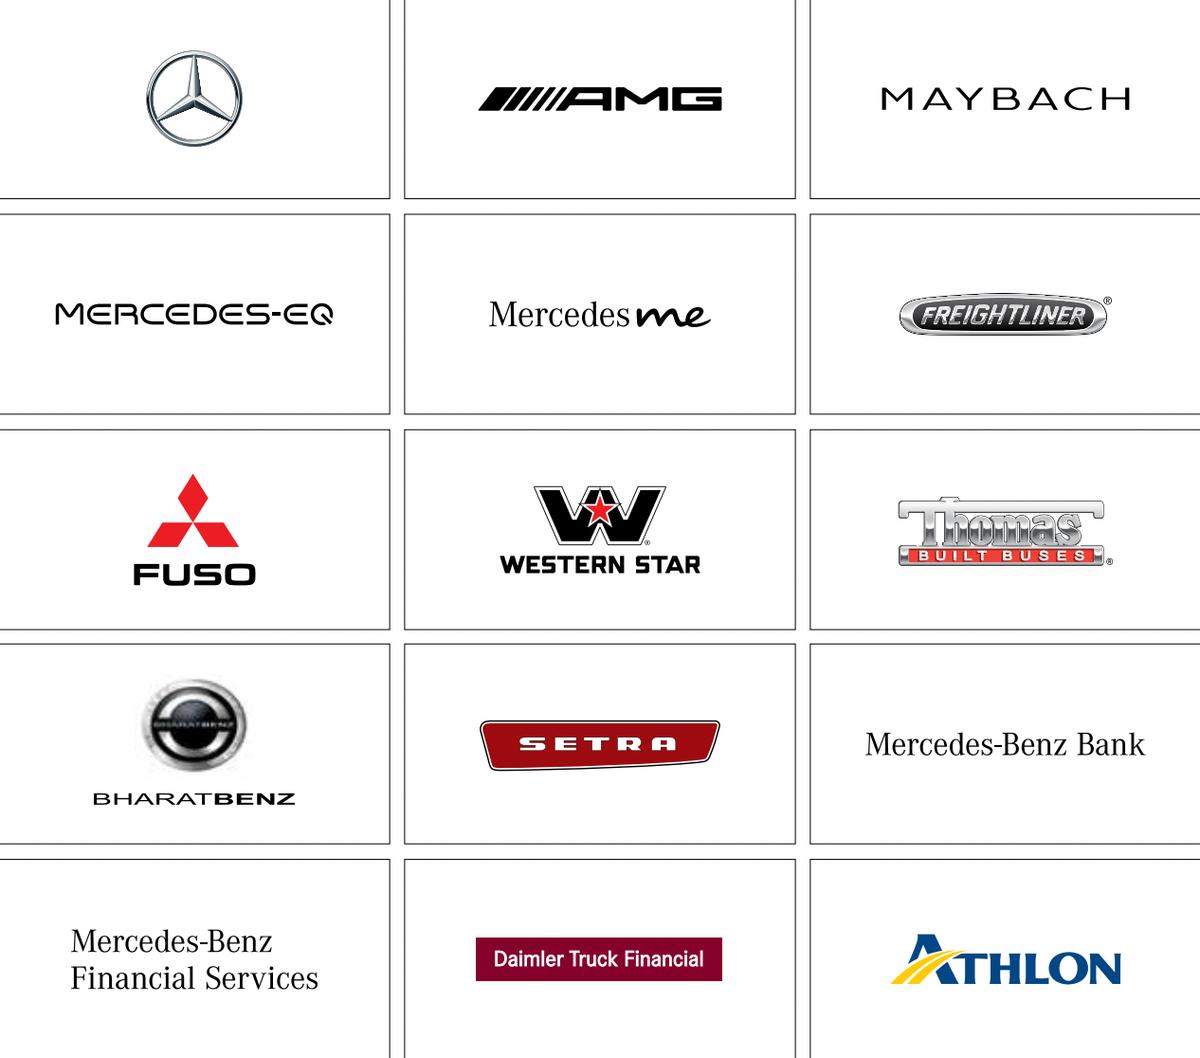 Логотипы брендов компании. Источник: годовой отчет компании, стр.4